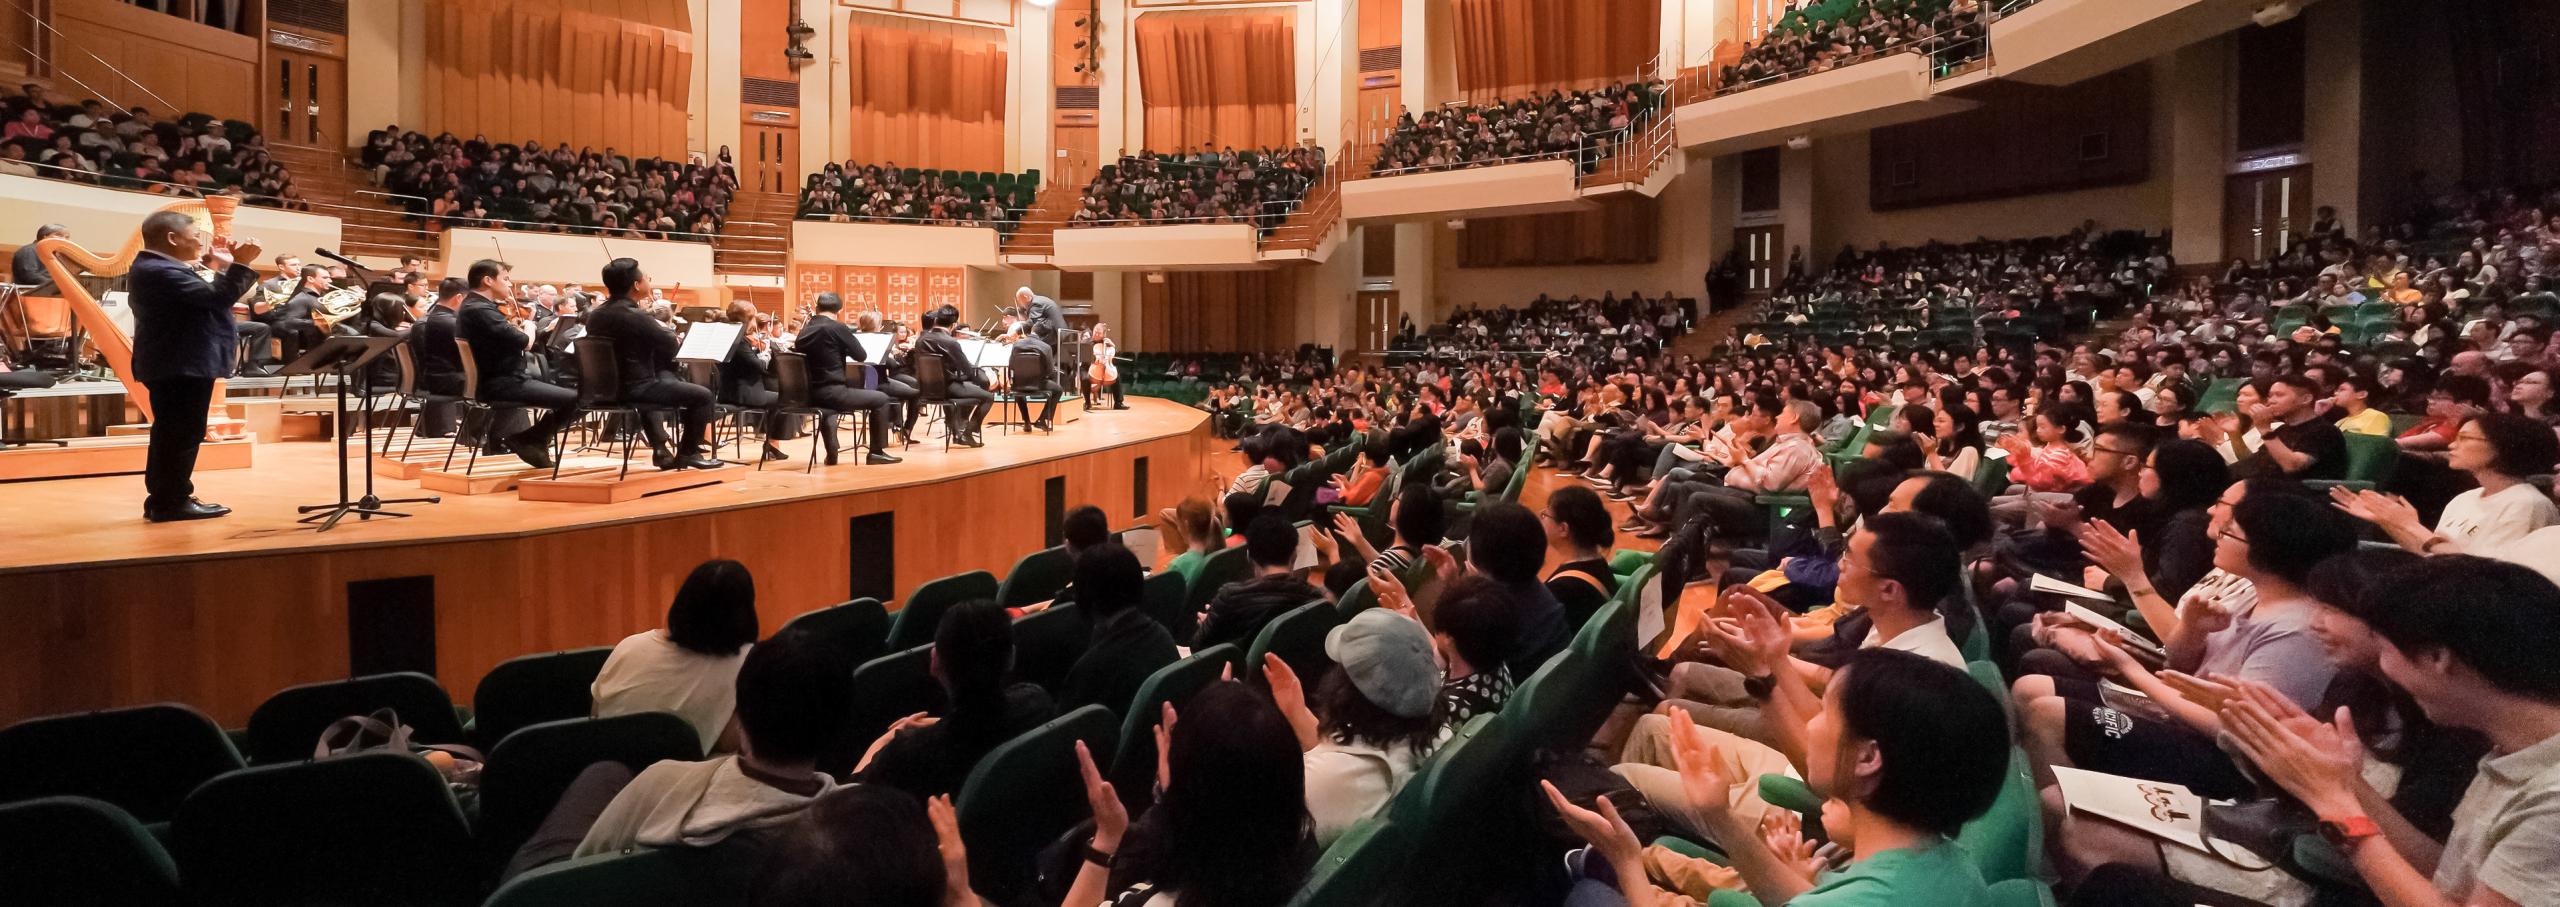 Hong Kong Cultural Centre Concert Hall